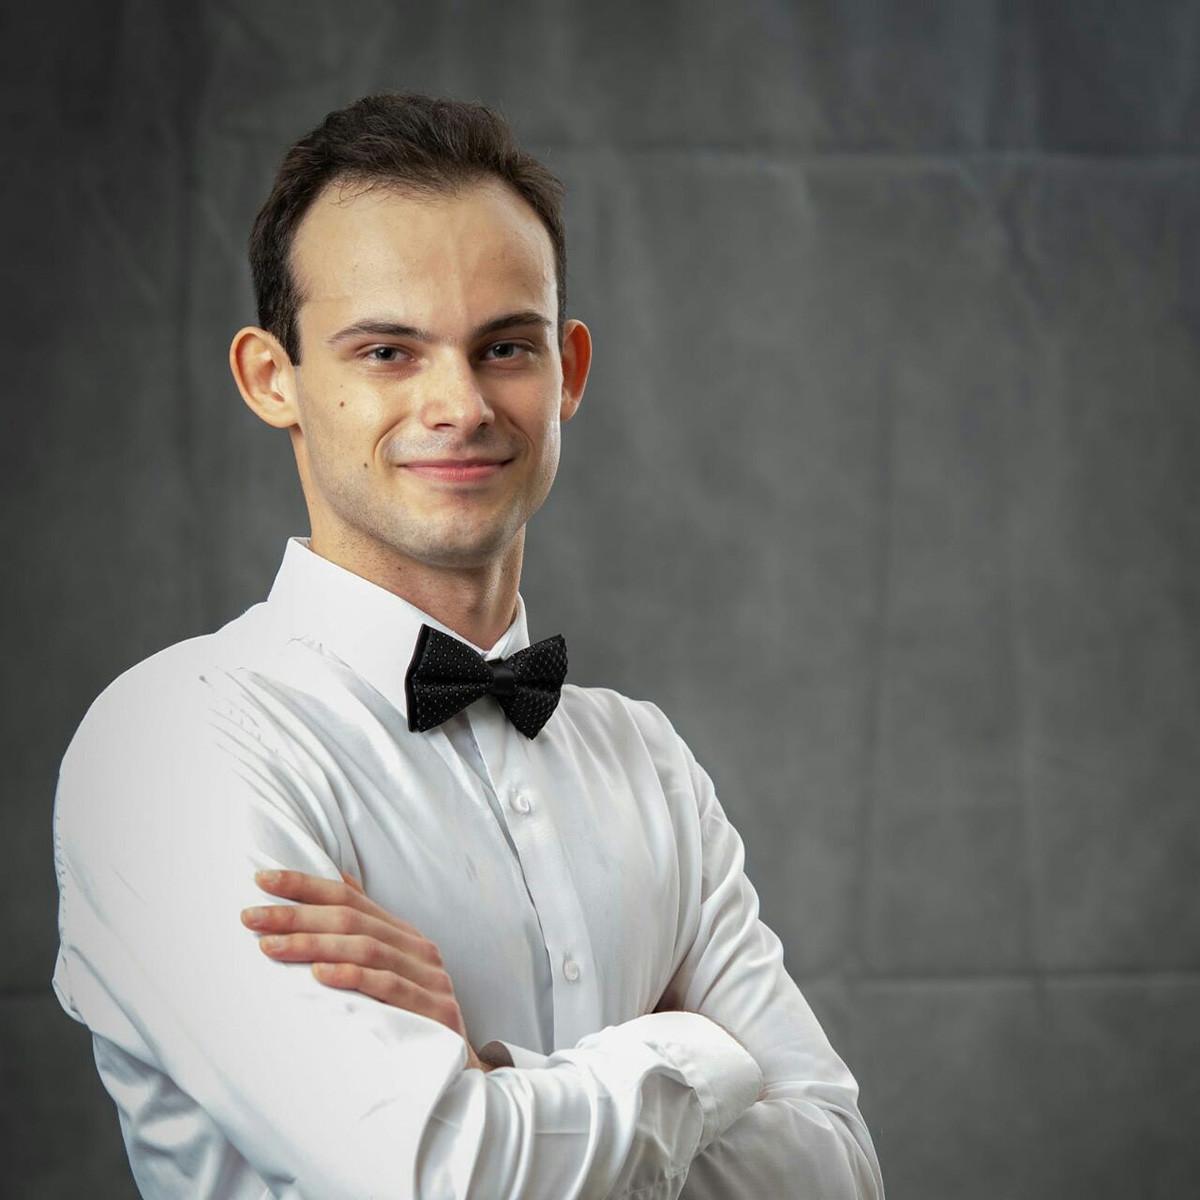 Andreï Danilov